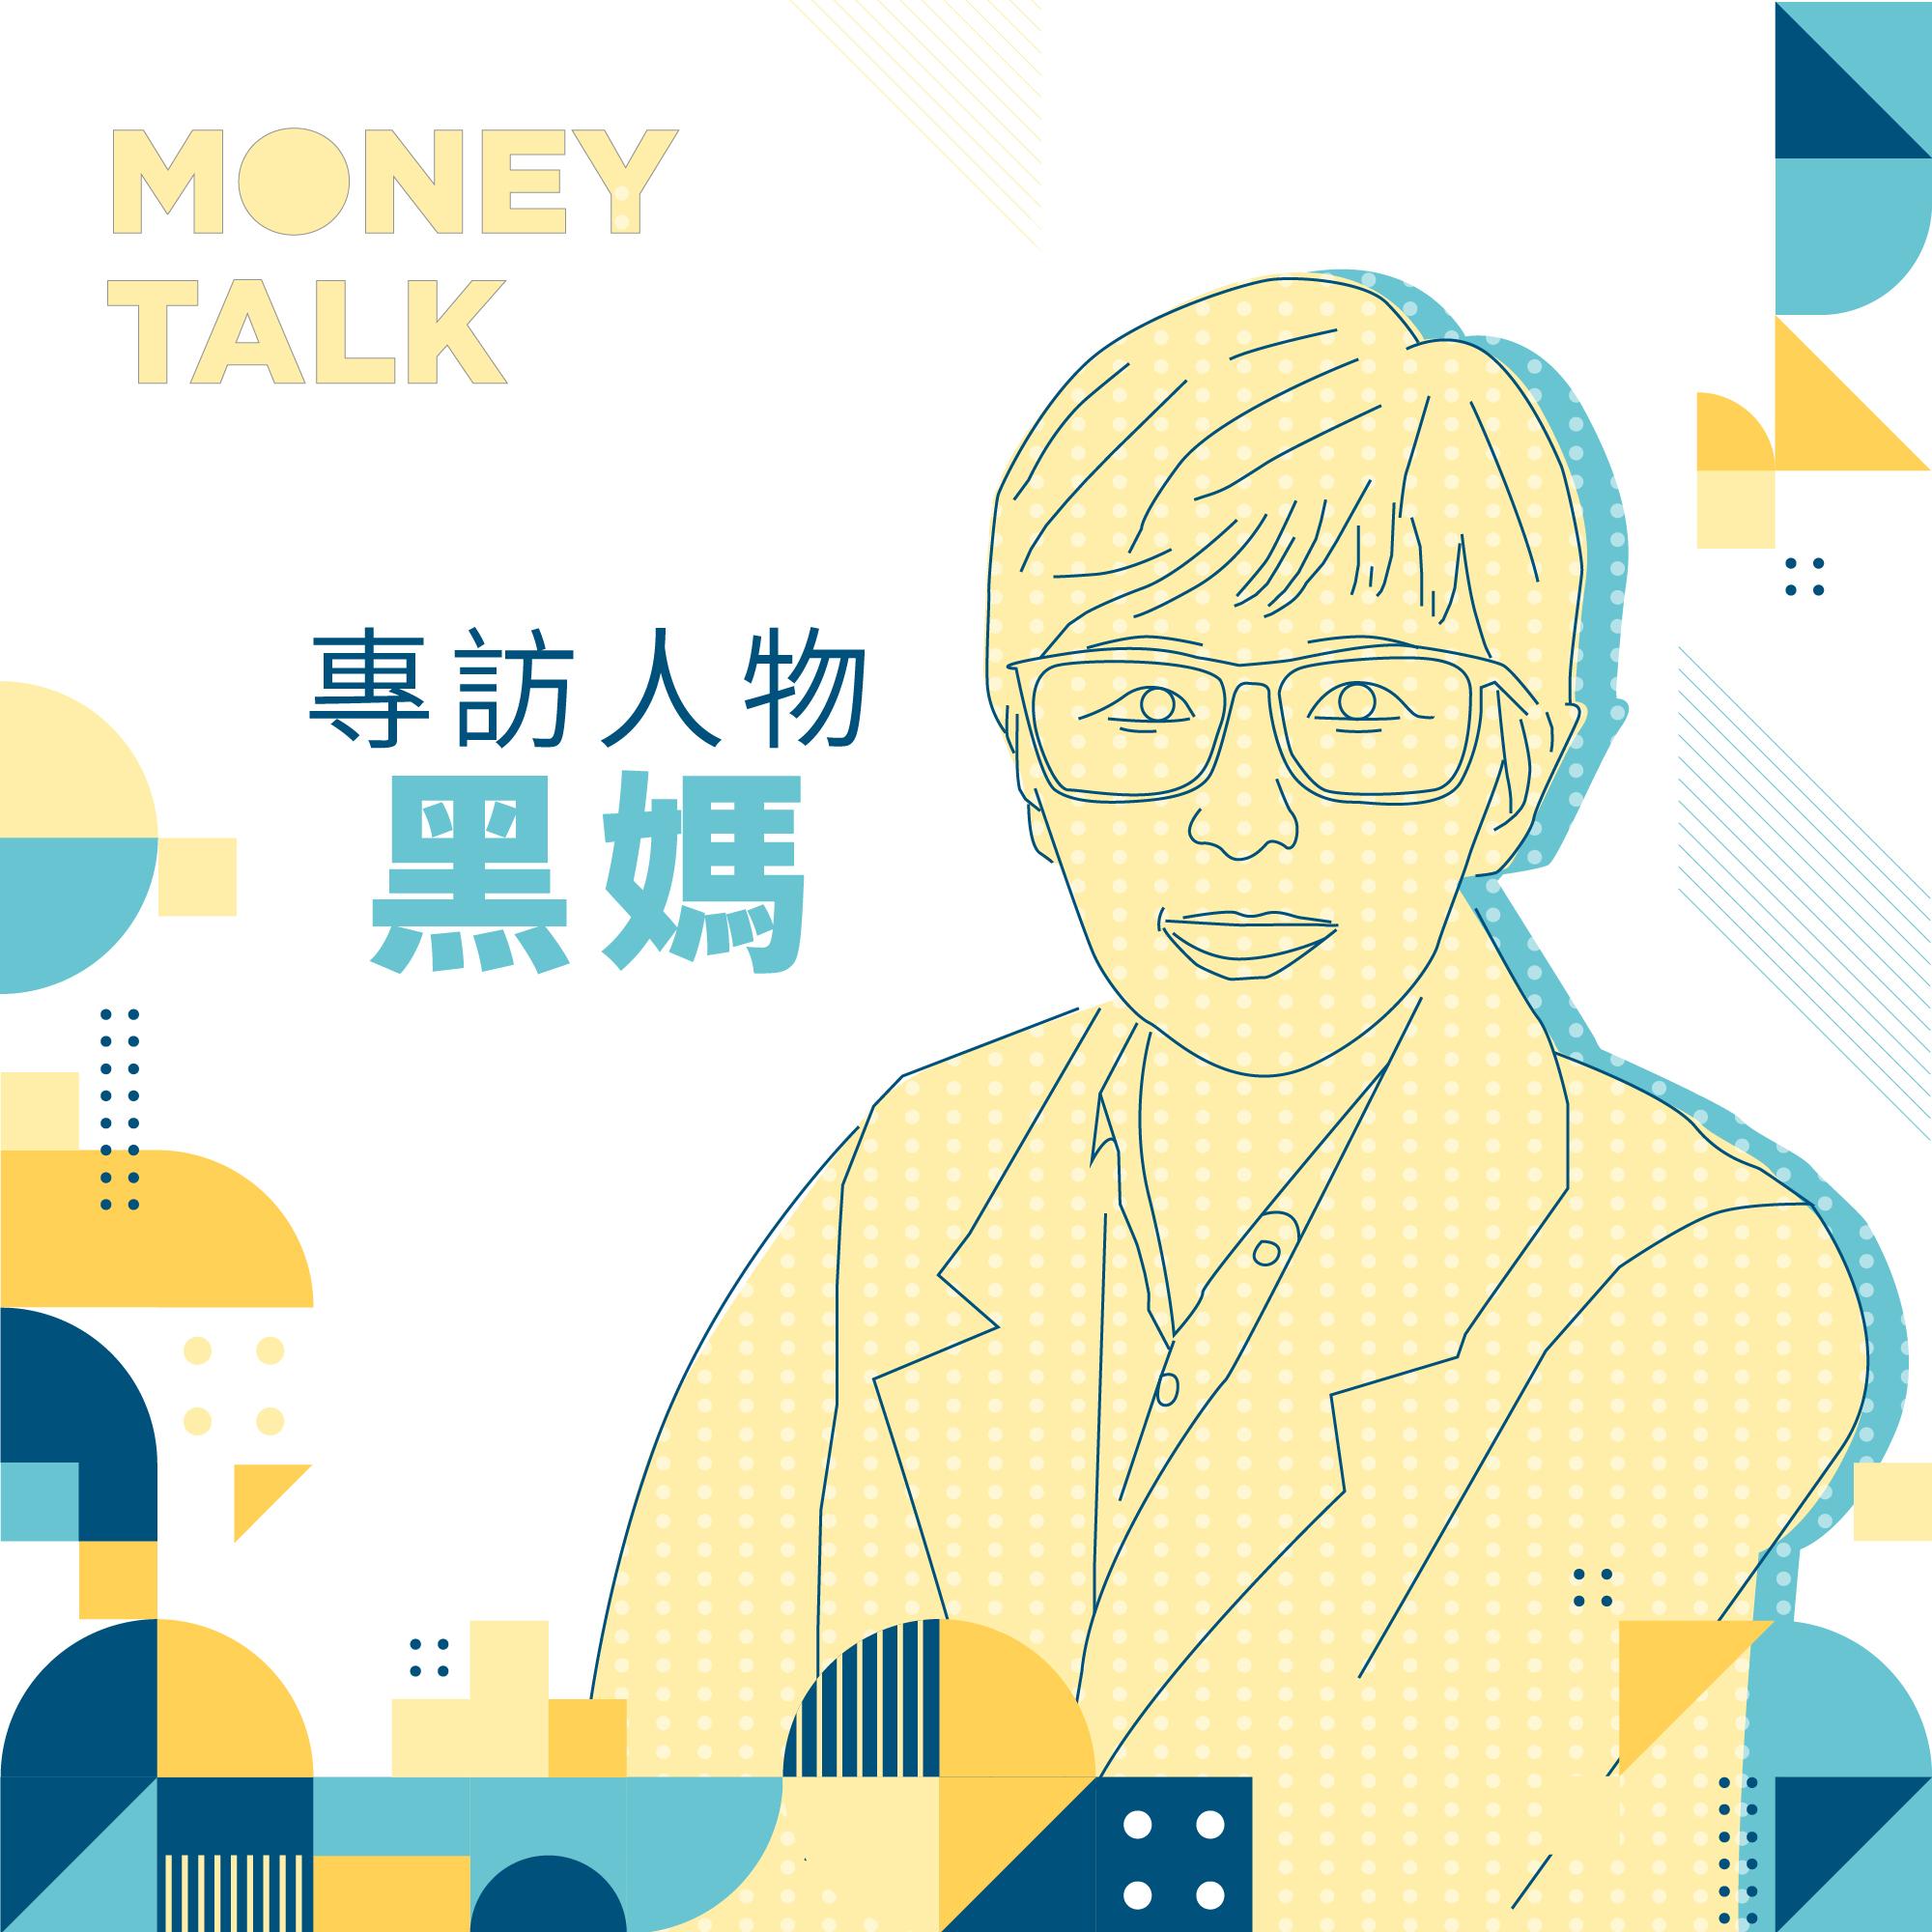 理債達人黑媽:小時候的我比較有錢,但現在的我心靈比較富足【聽妳說】